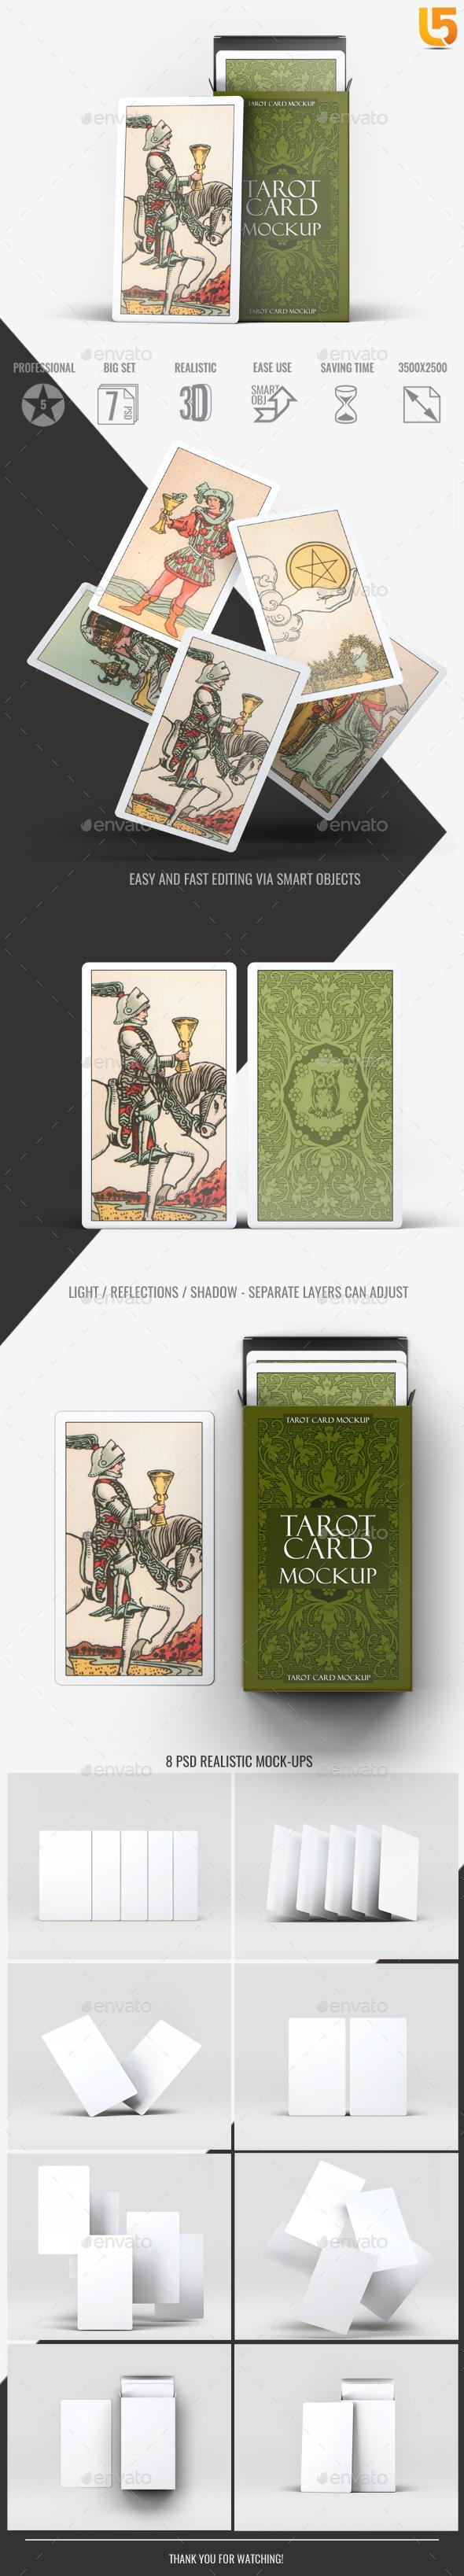 Tarot Card Mock-Up - Miscellaneous Print